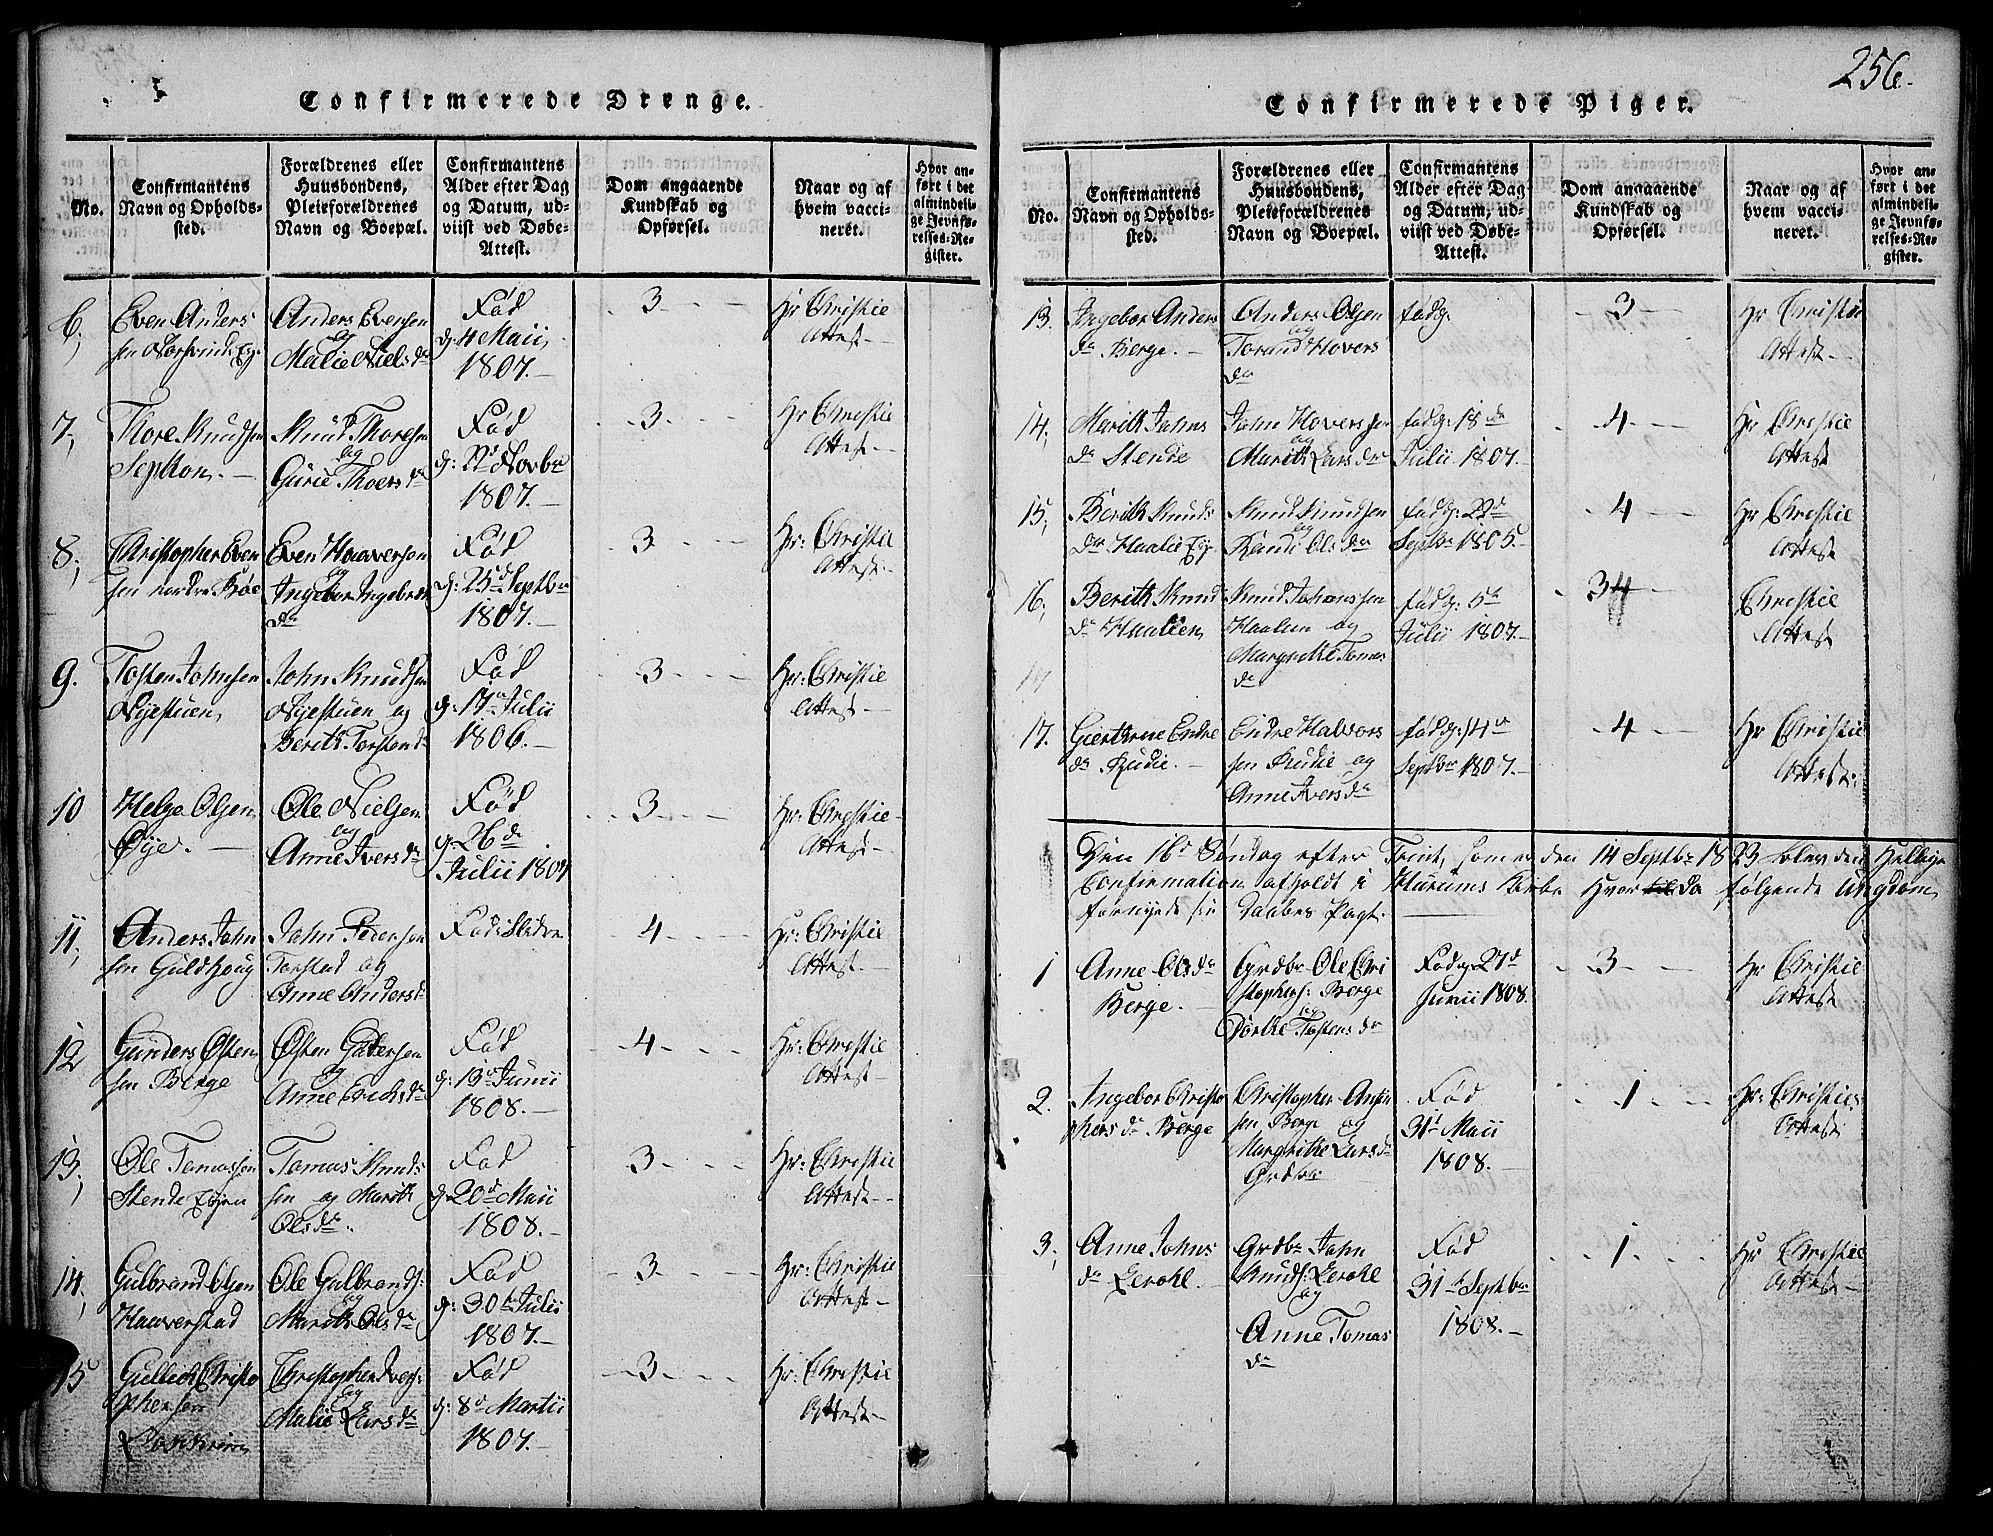 SAH, Vang prestekontor, Valdres, Klokkerbok nr. 2, 1814-1889, s. 256